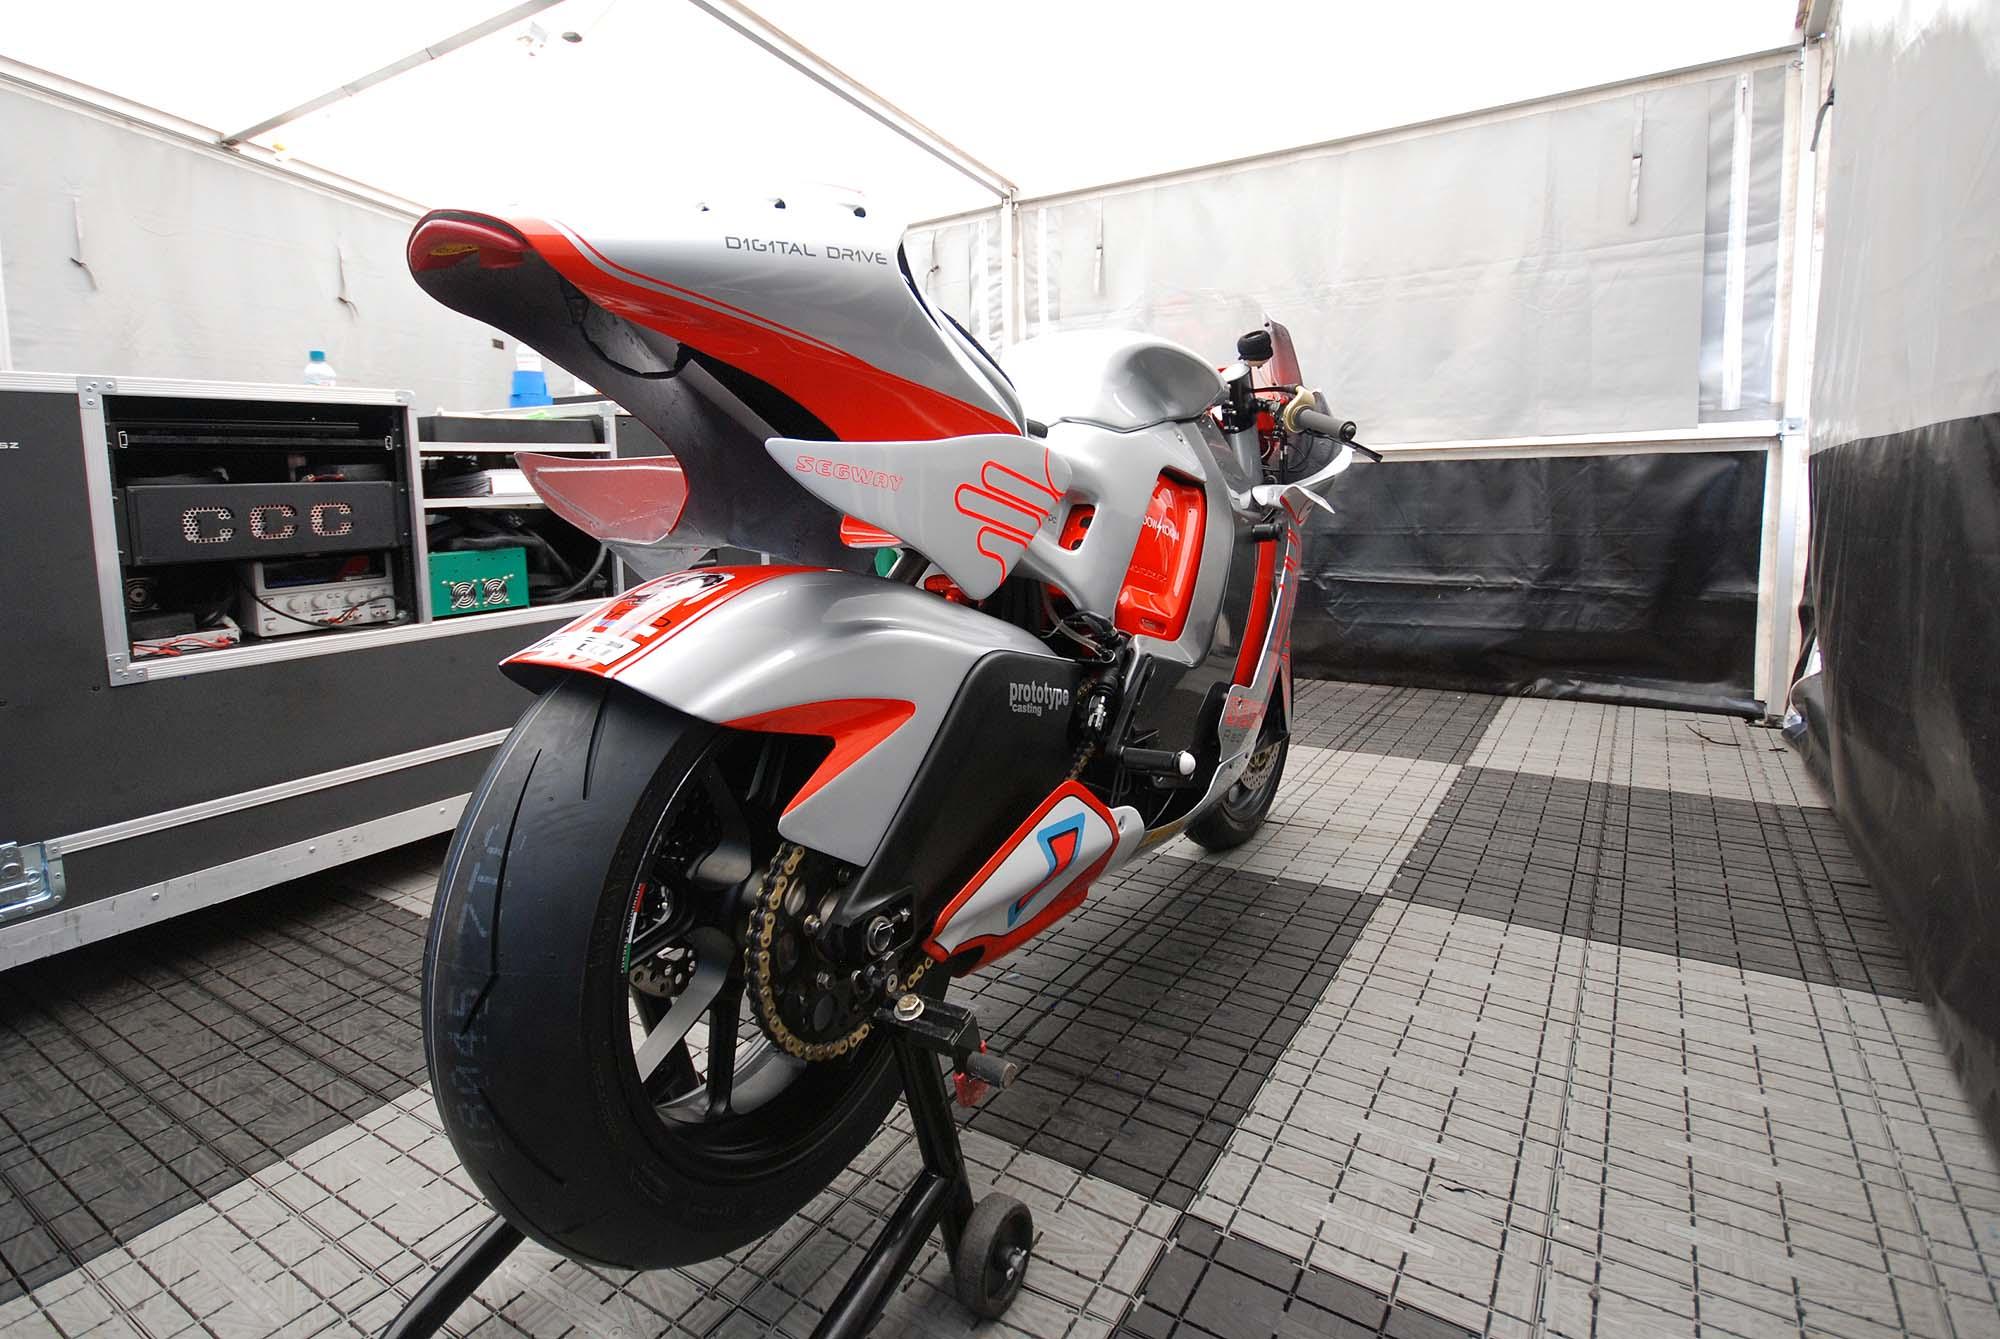 TT Ile de Man 2012-motoczysz-e1pc-iomtt-pit-02